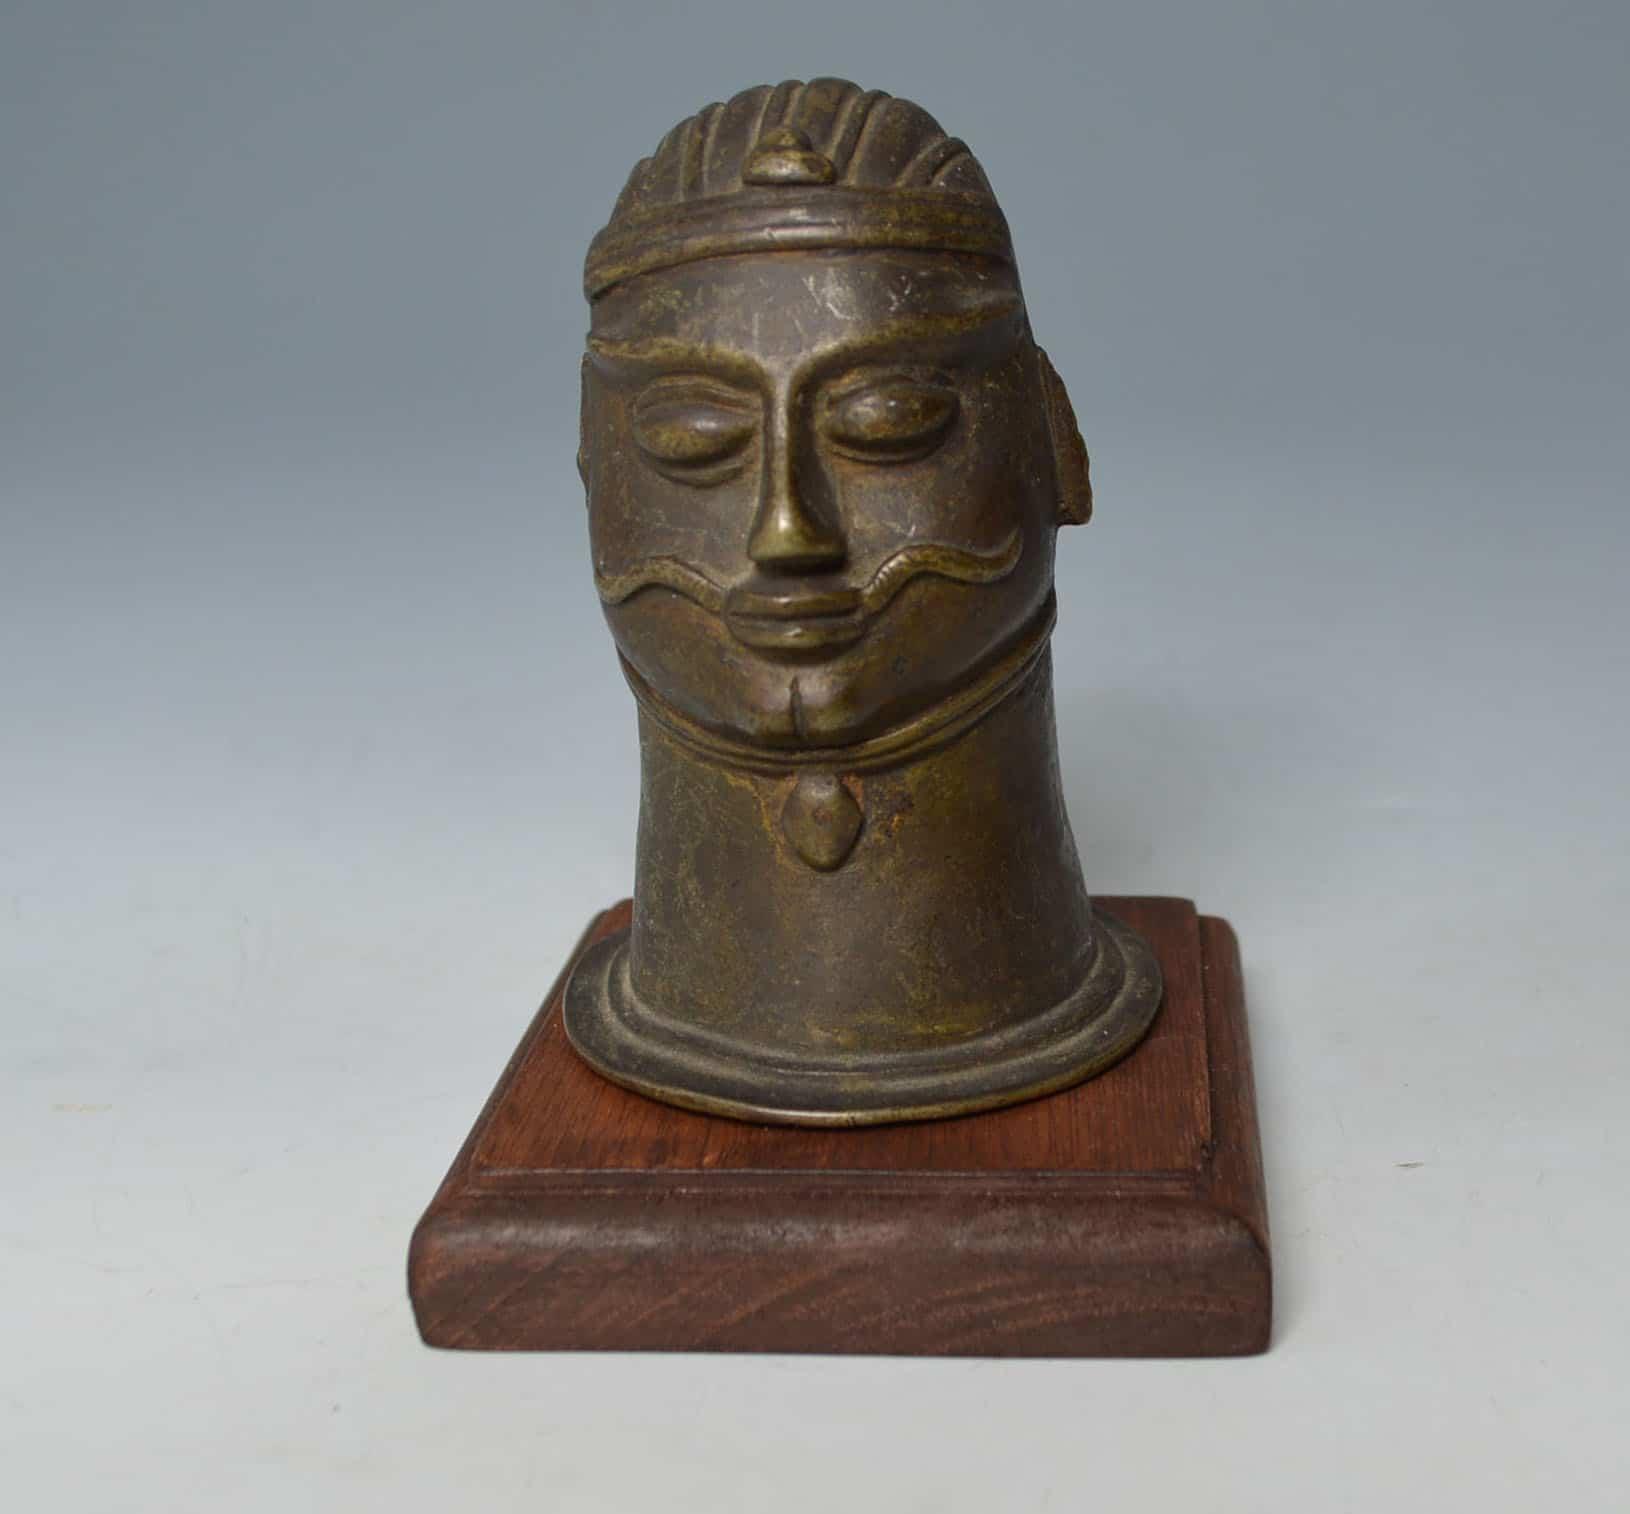 Indian Gauri Head